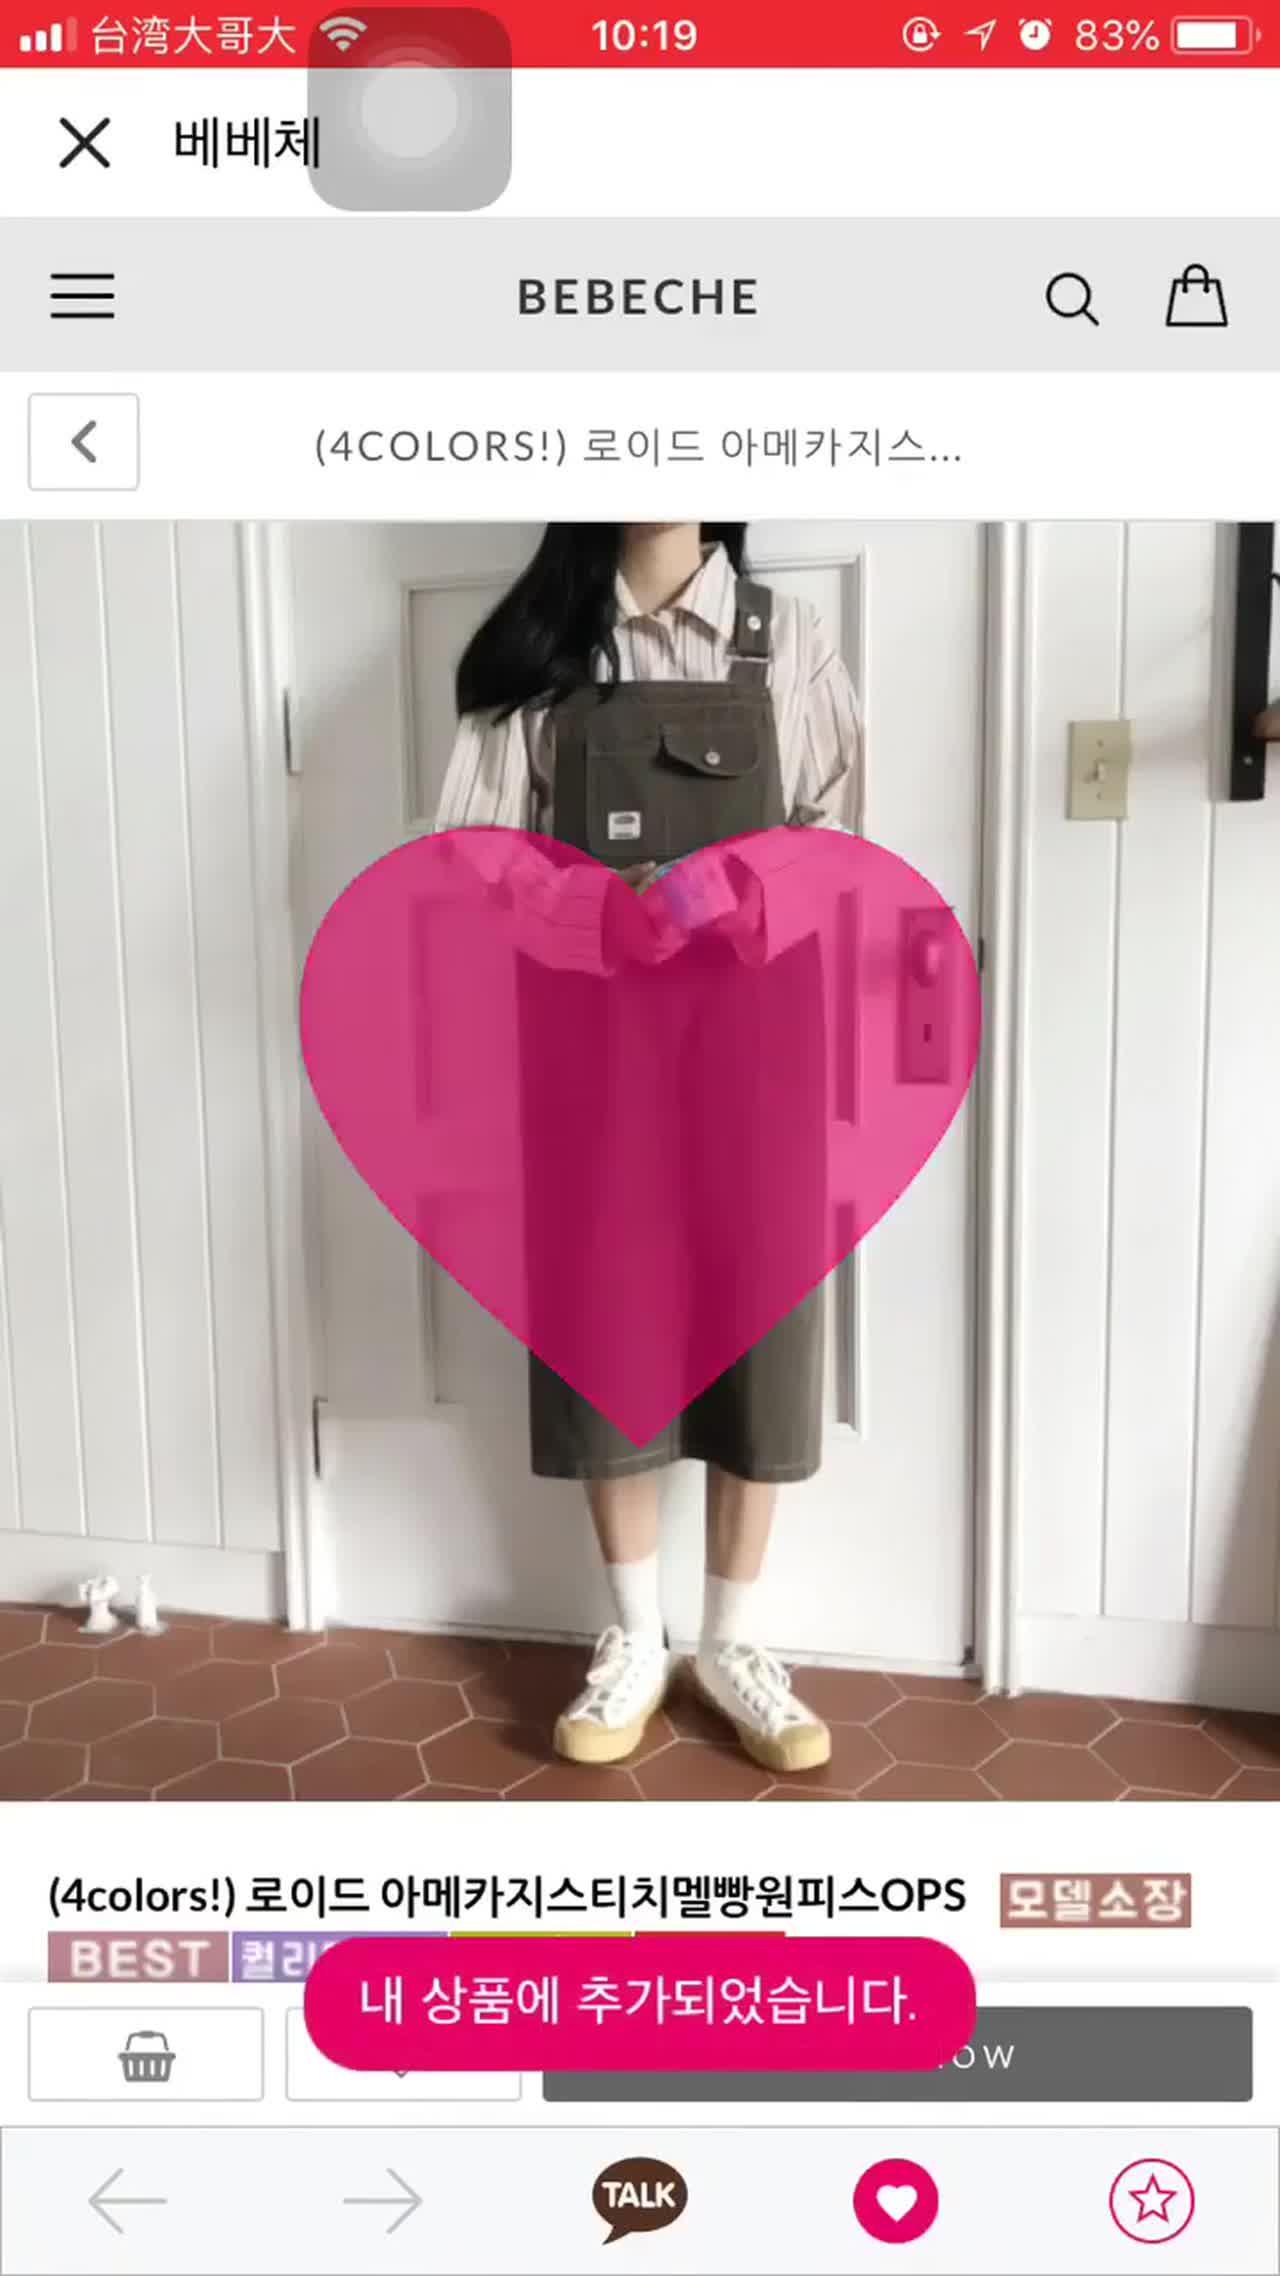 愛心這個呢就是「個人喜好」啦~無論是對商家還是對商品都可以按愛心收藏!幫妳做一個超深超深的口袋,全部收進來,久久還可以回顧自己的穿搭取向,摩登少女超喜歡這個功能的啊!韓國這個app不僅是購物這麼簡單,還可以把它想成是個人專屬的穿搭筆記,也難怪韓國女孩們都那麼懂穿啦~